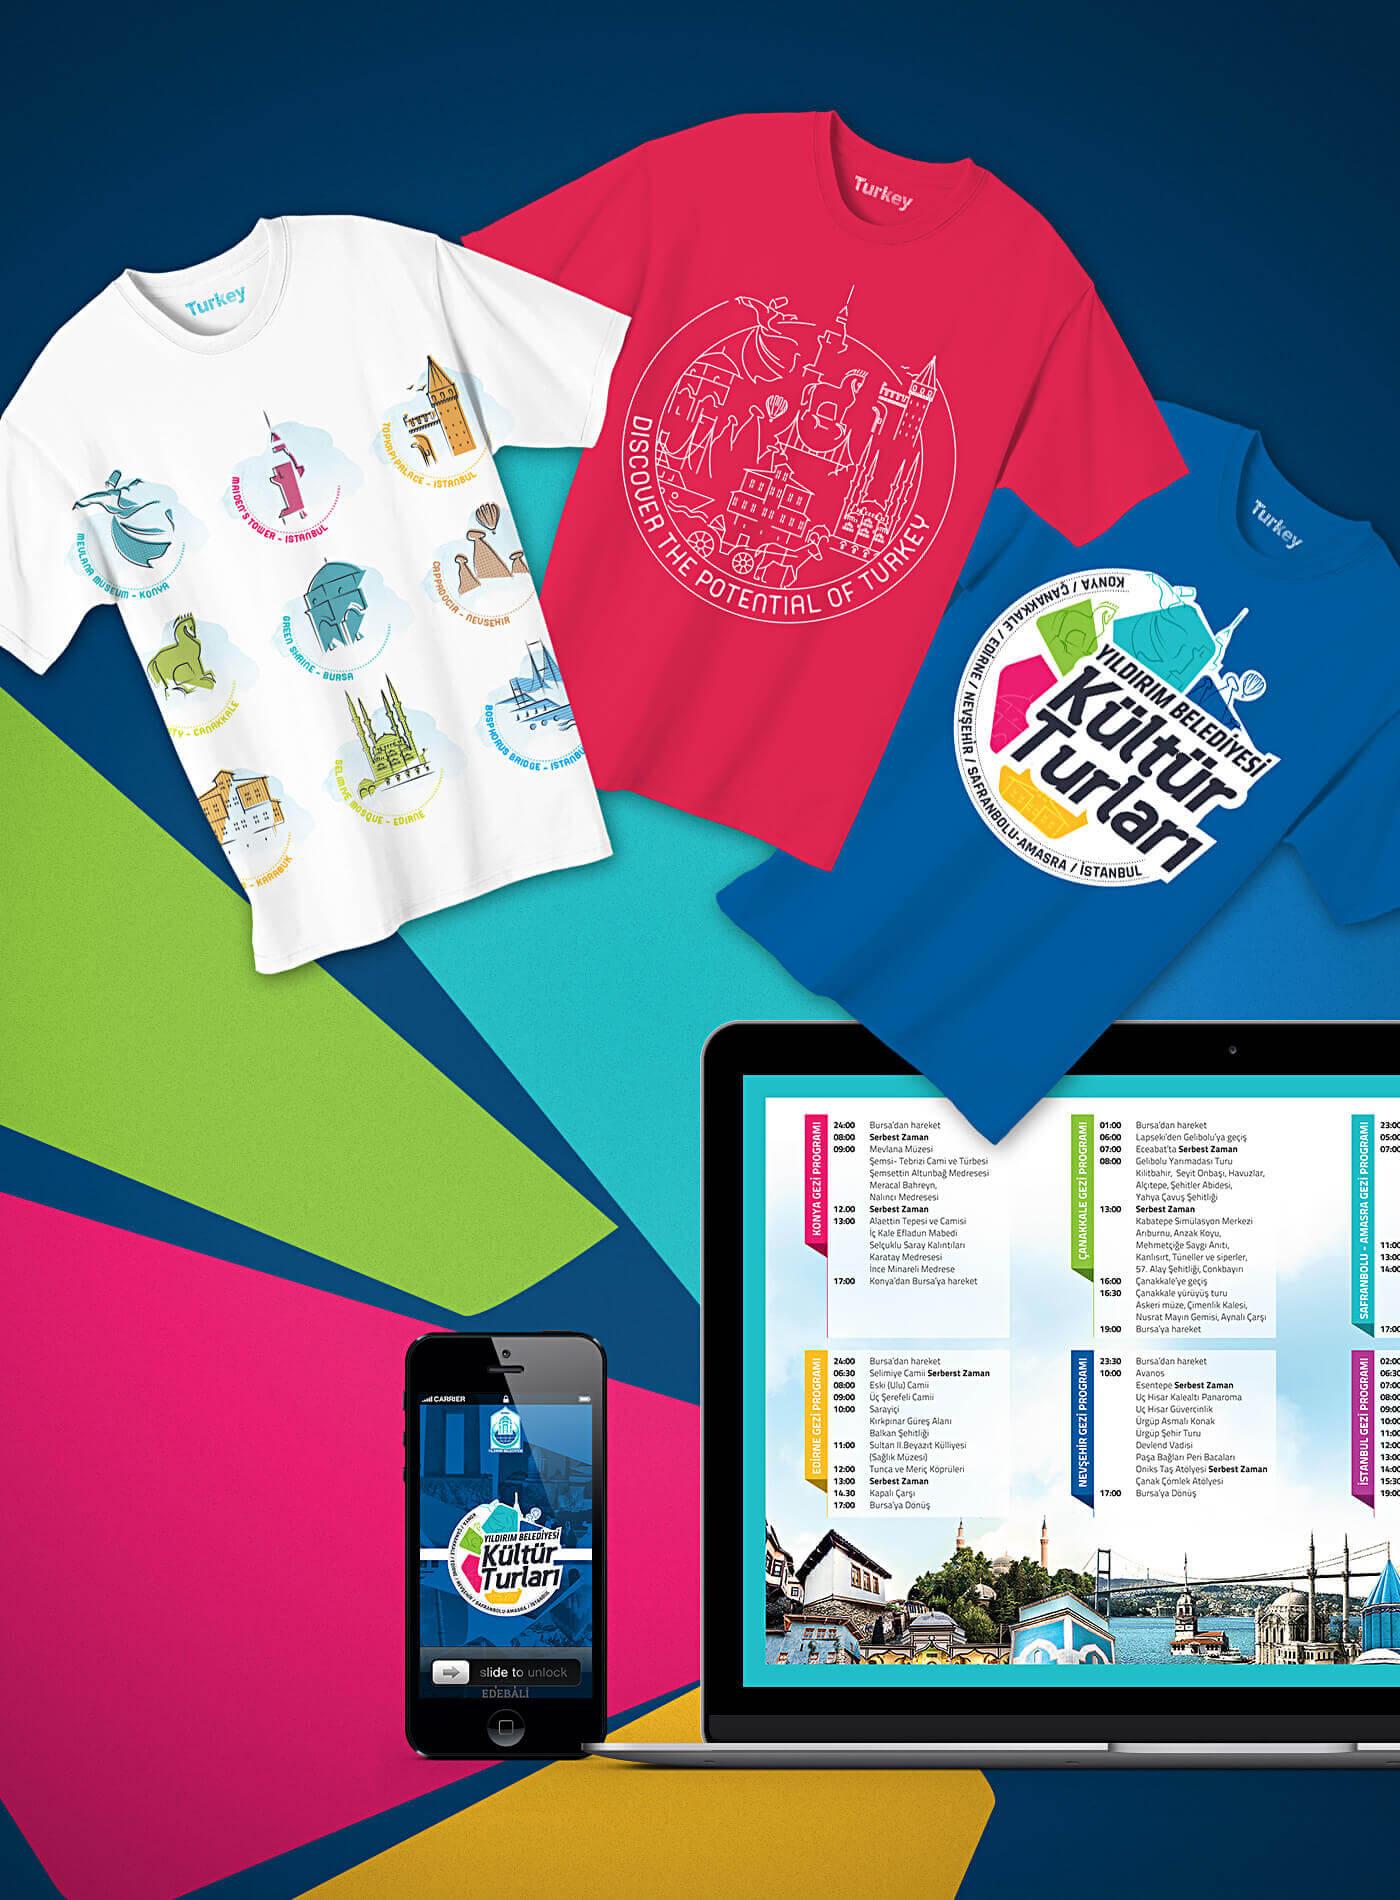 kültür turları, tişört tasarım, logo tasarım, web tasarım, mobil tasarım